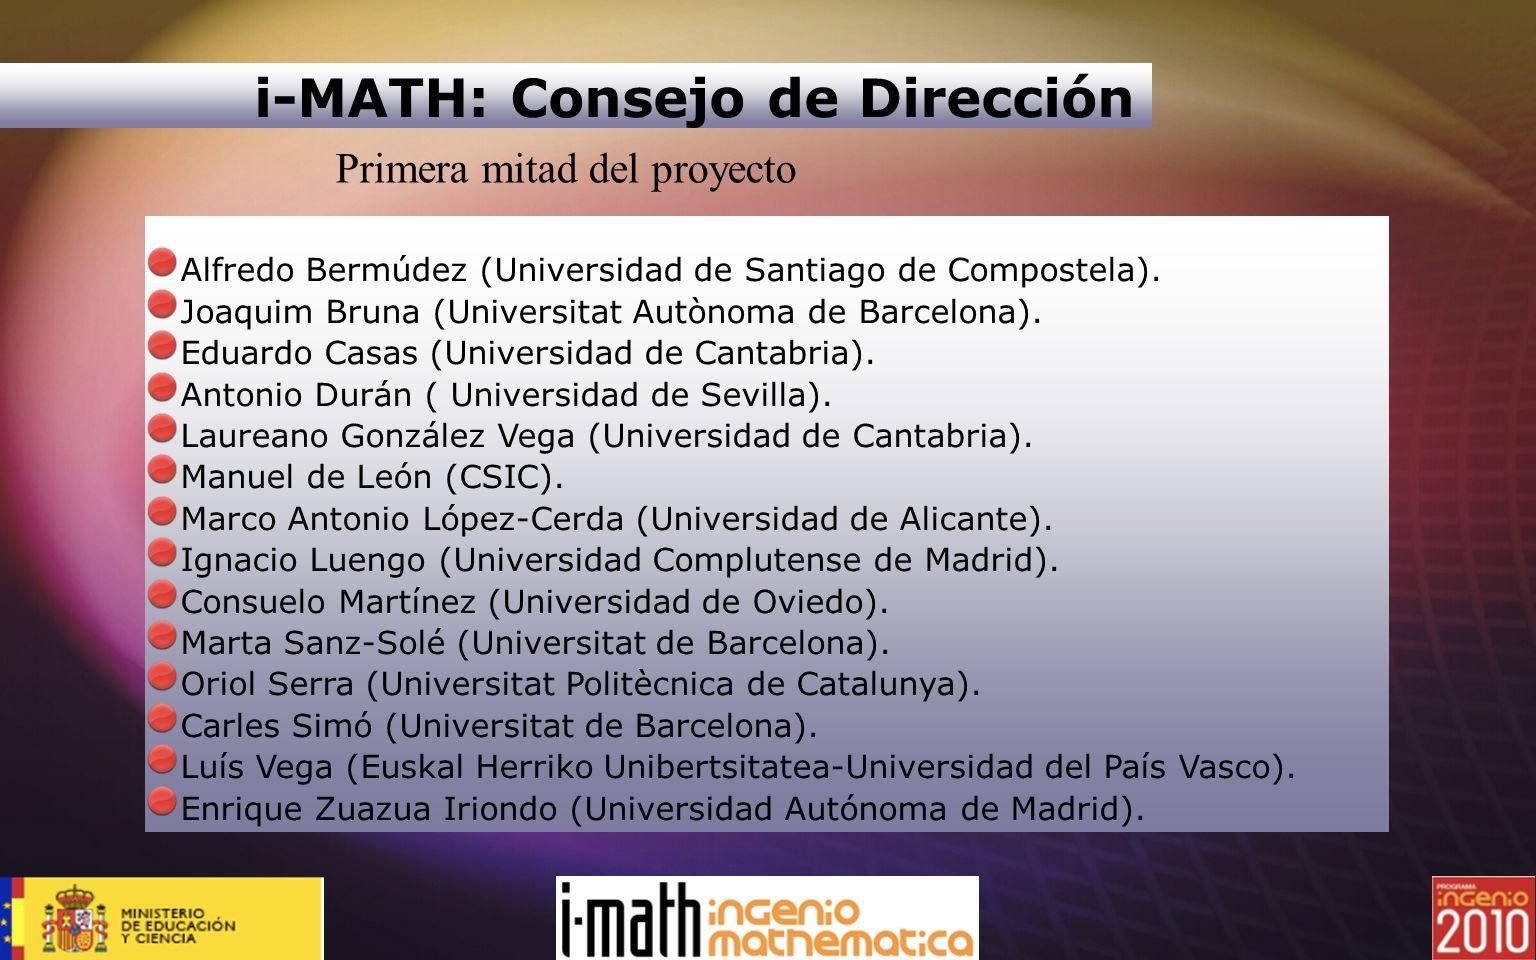 i-MATH: Consejo de Dirección